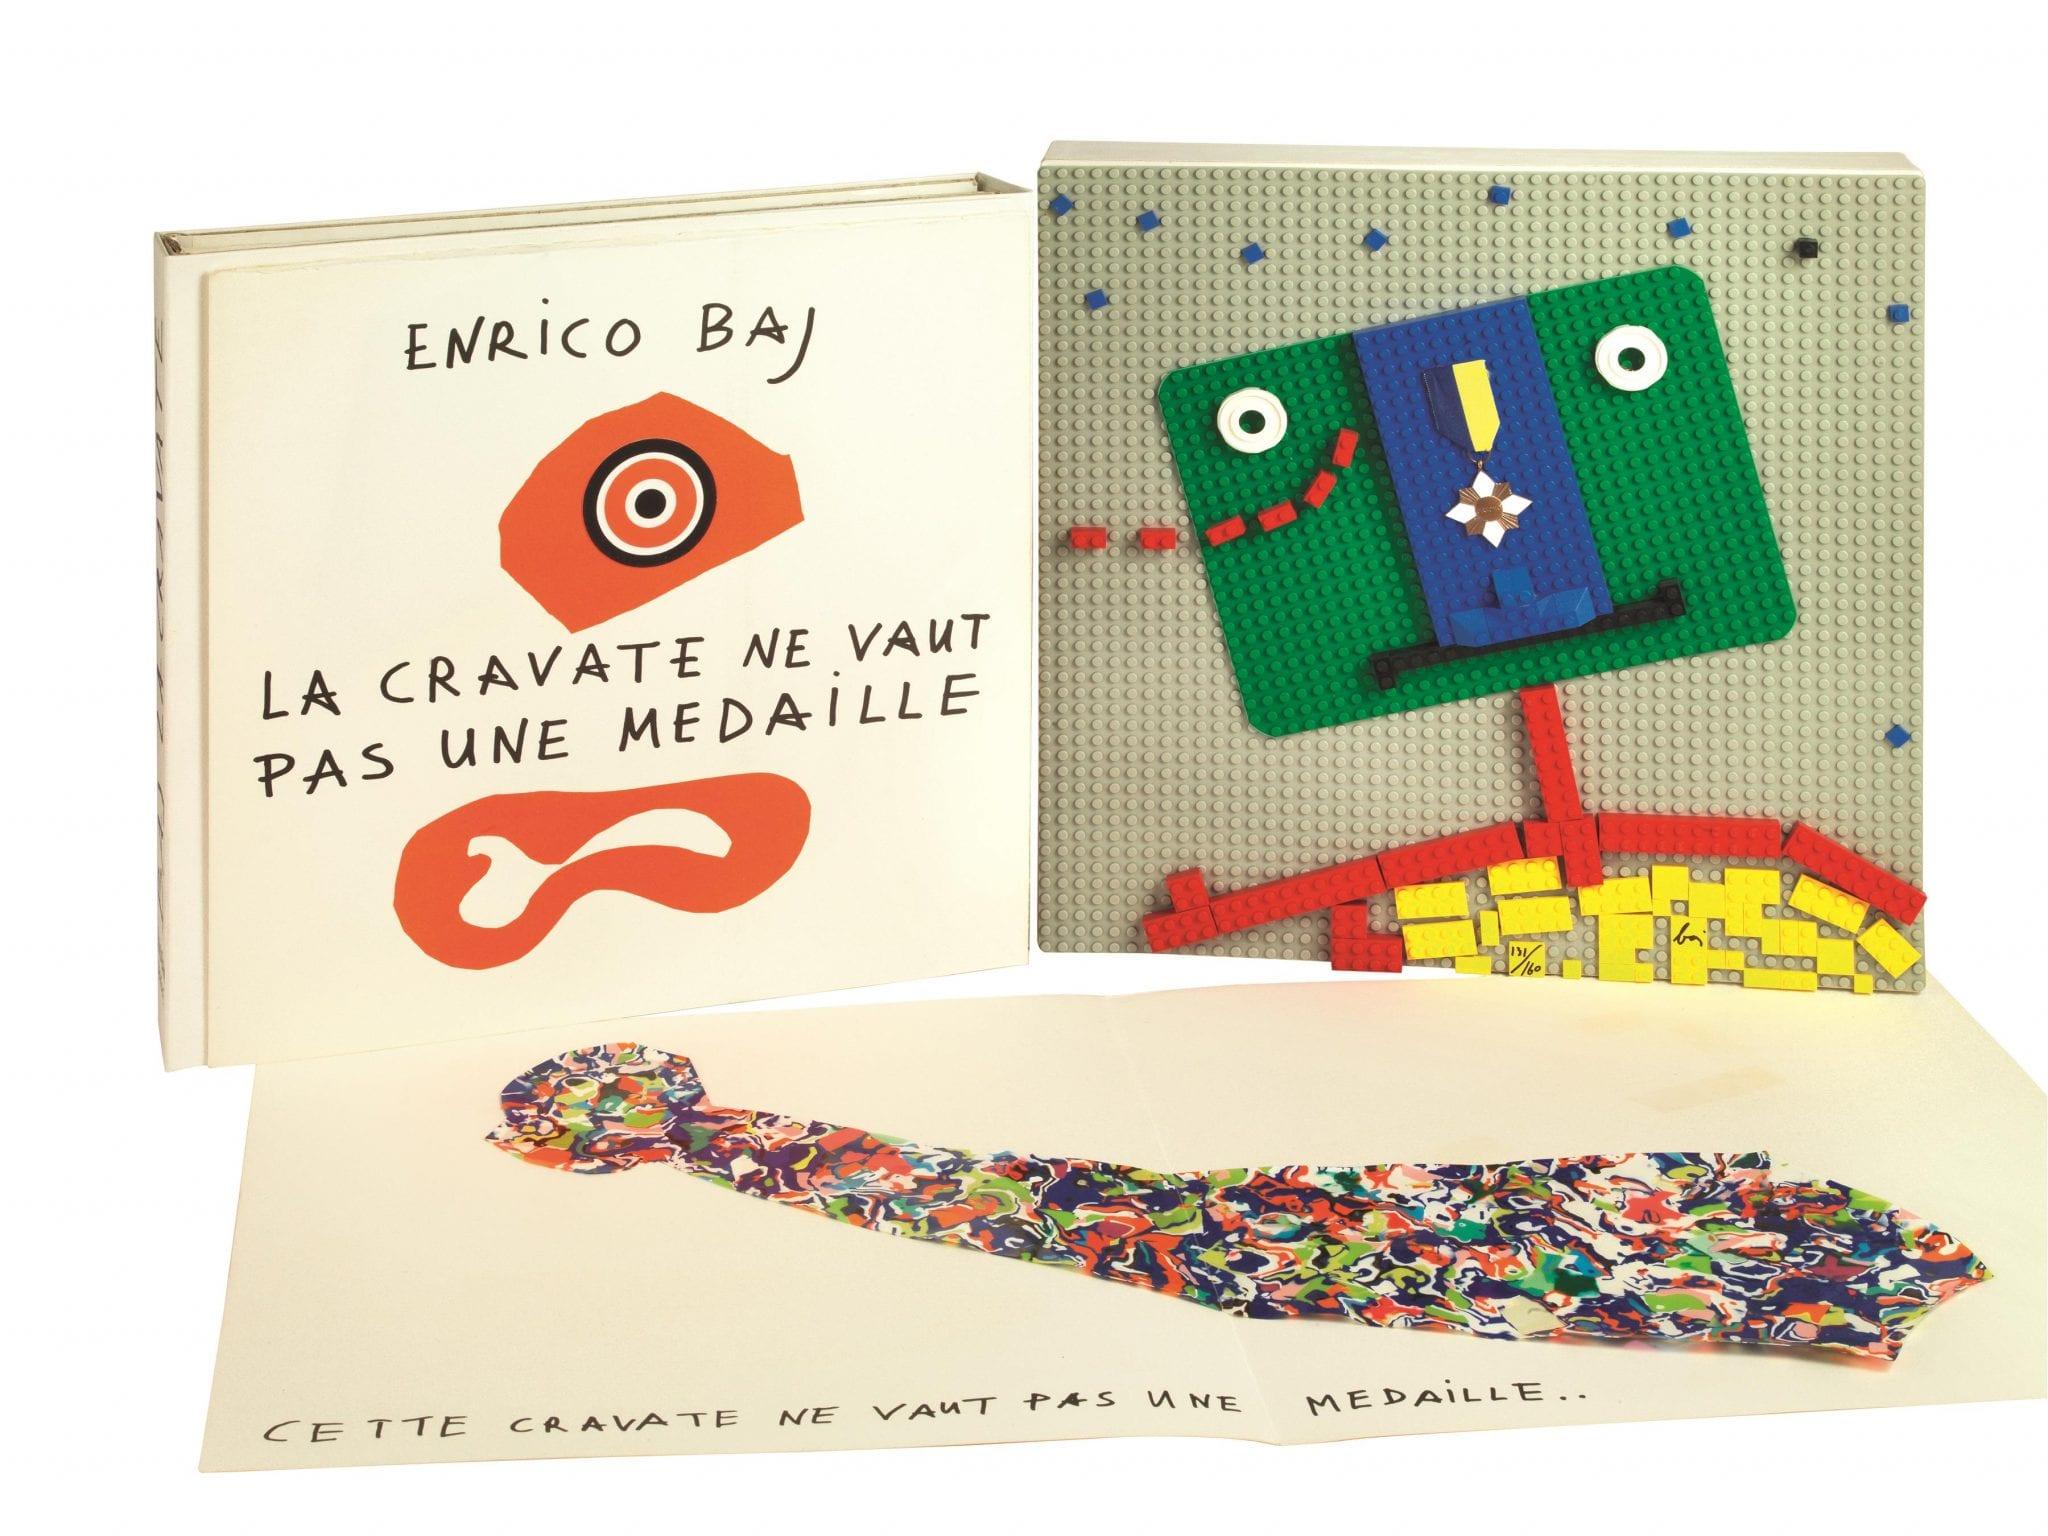 Il libro-oggetto di Enrico Baj in asta (online) da Pandolfini